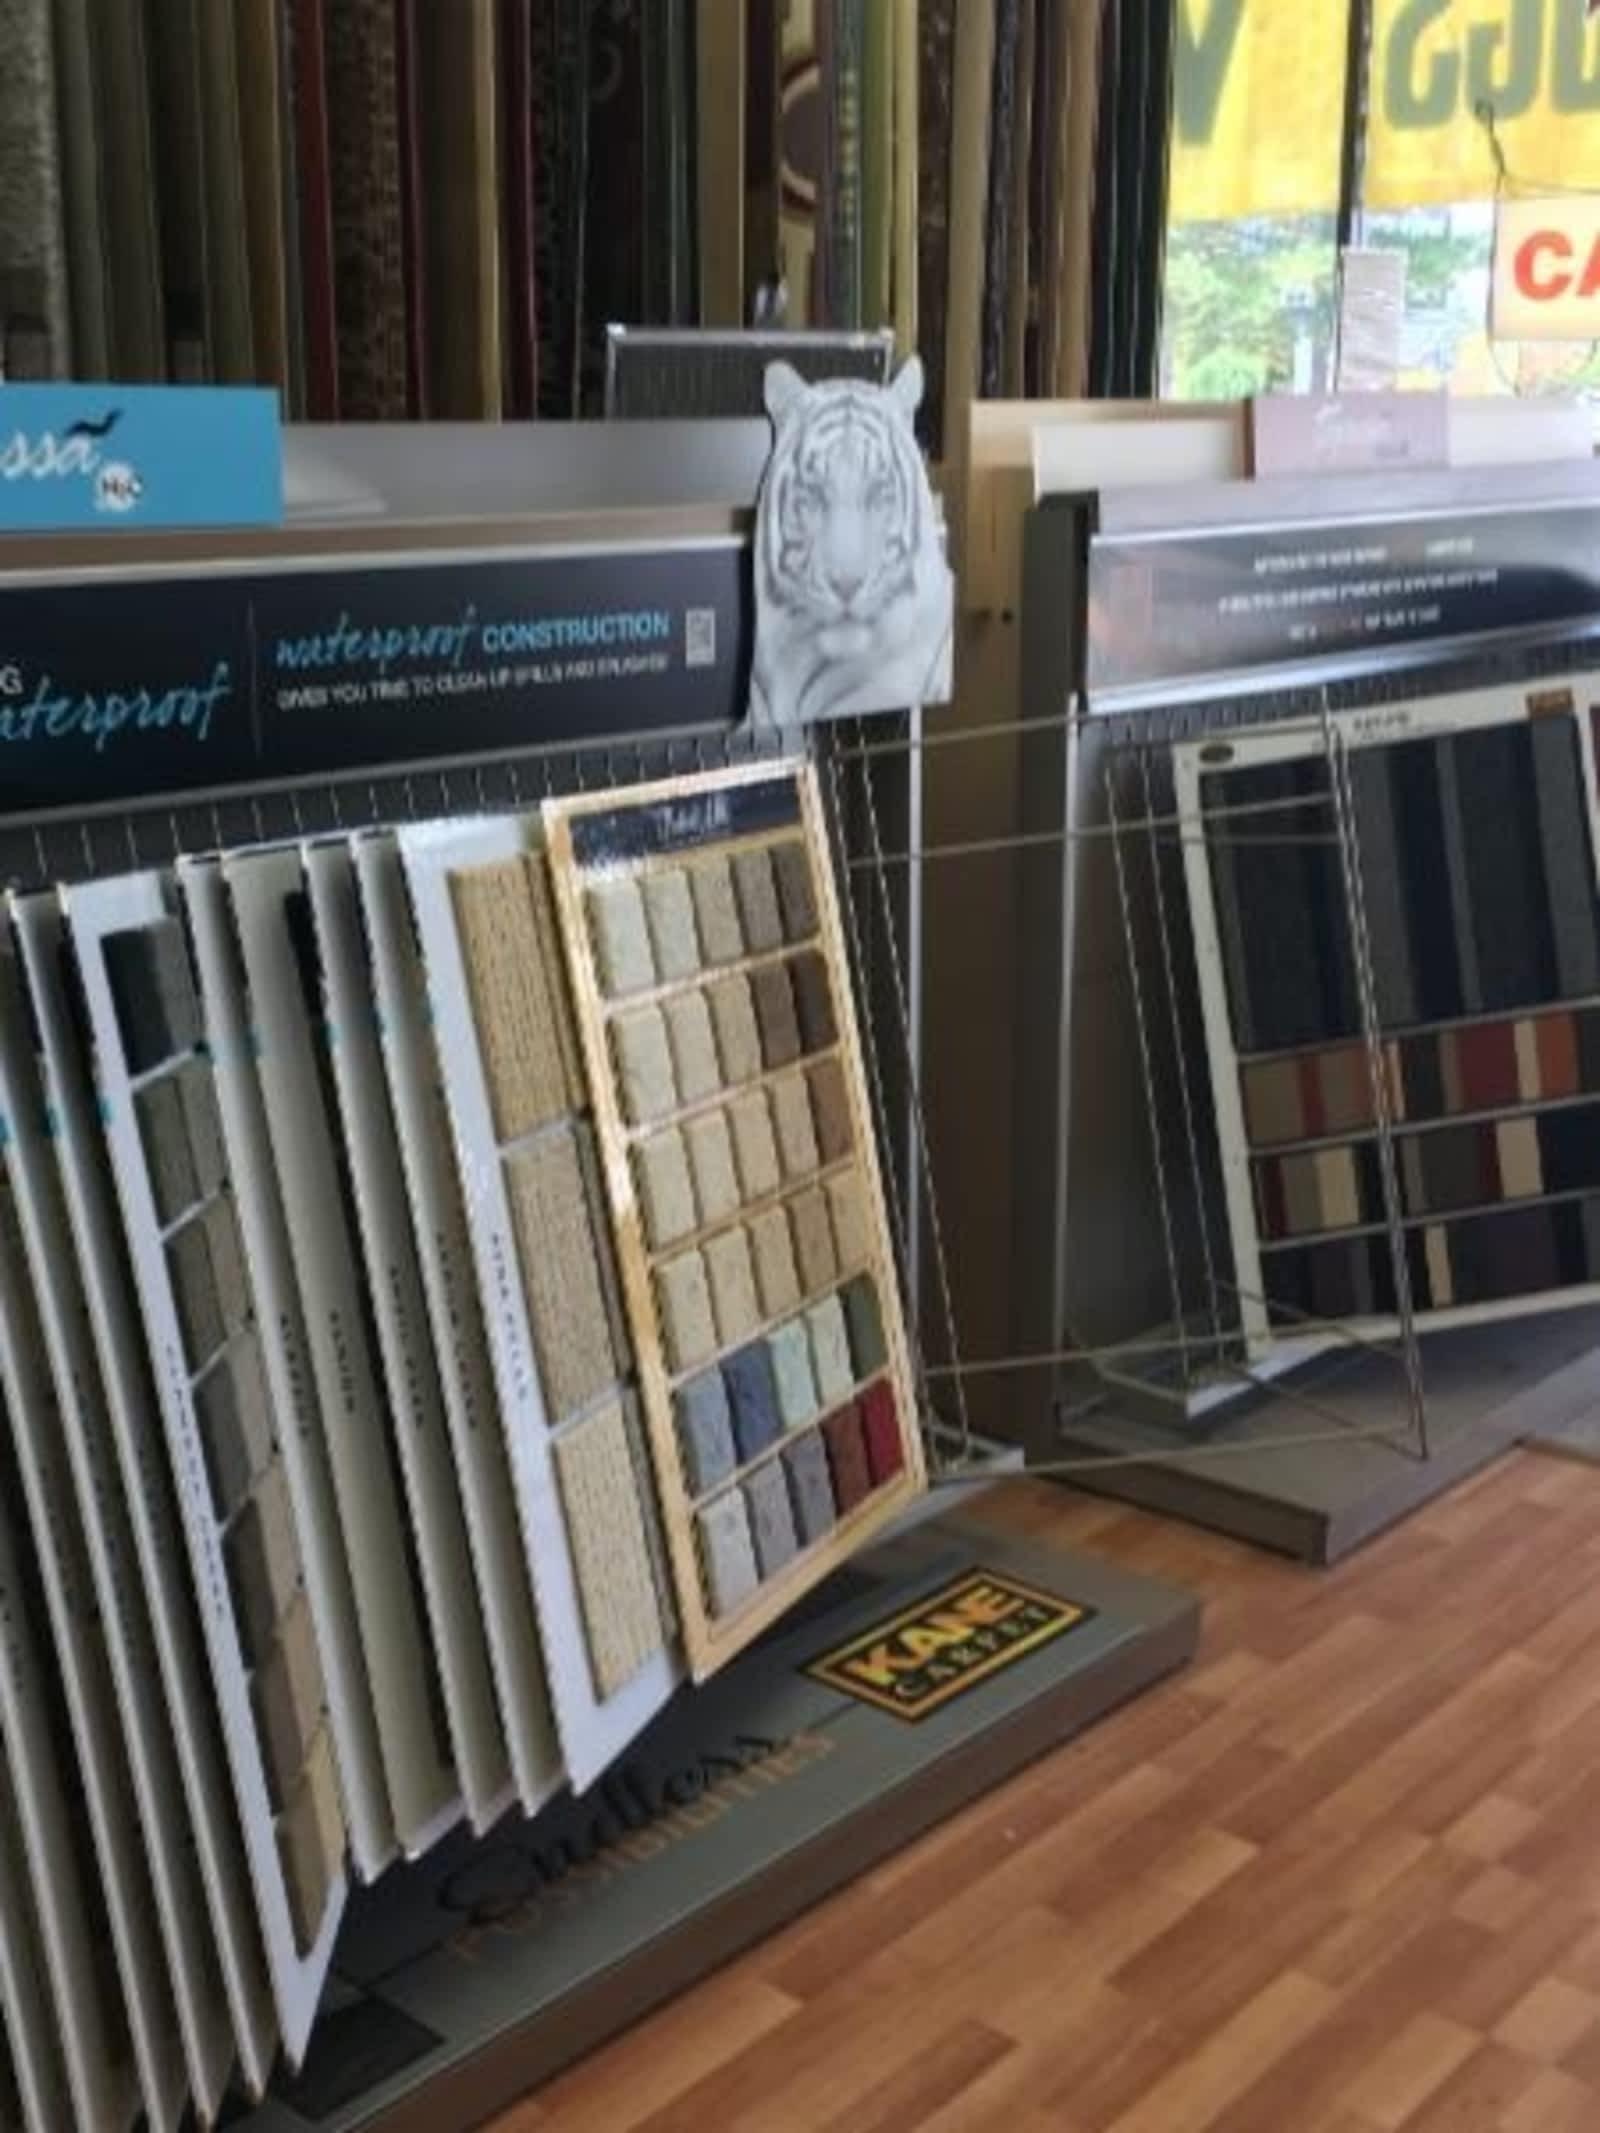 hardwood flooring dundas of dundas carpet flooring opening hours 2110 dundas st e intended for dundas carpet flooring opening hours 2110 dundas st e mississauga on